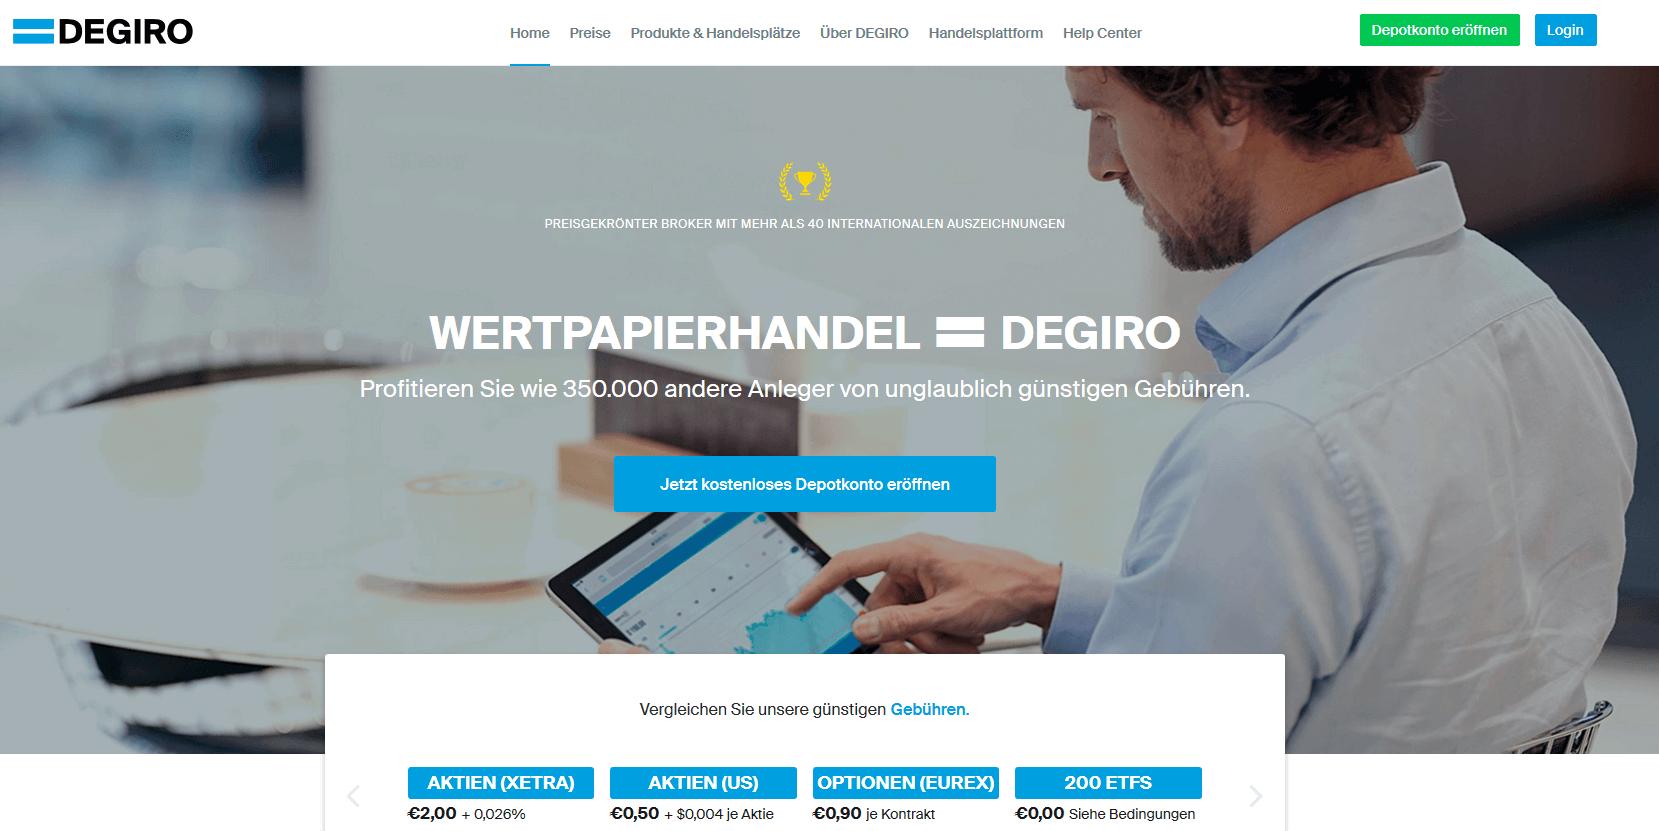 DEGIRO günstige Konditionen auf der Homepage